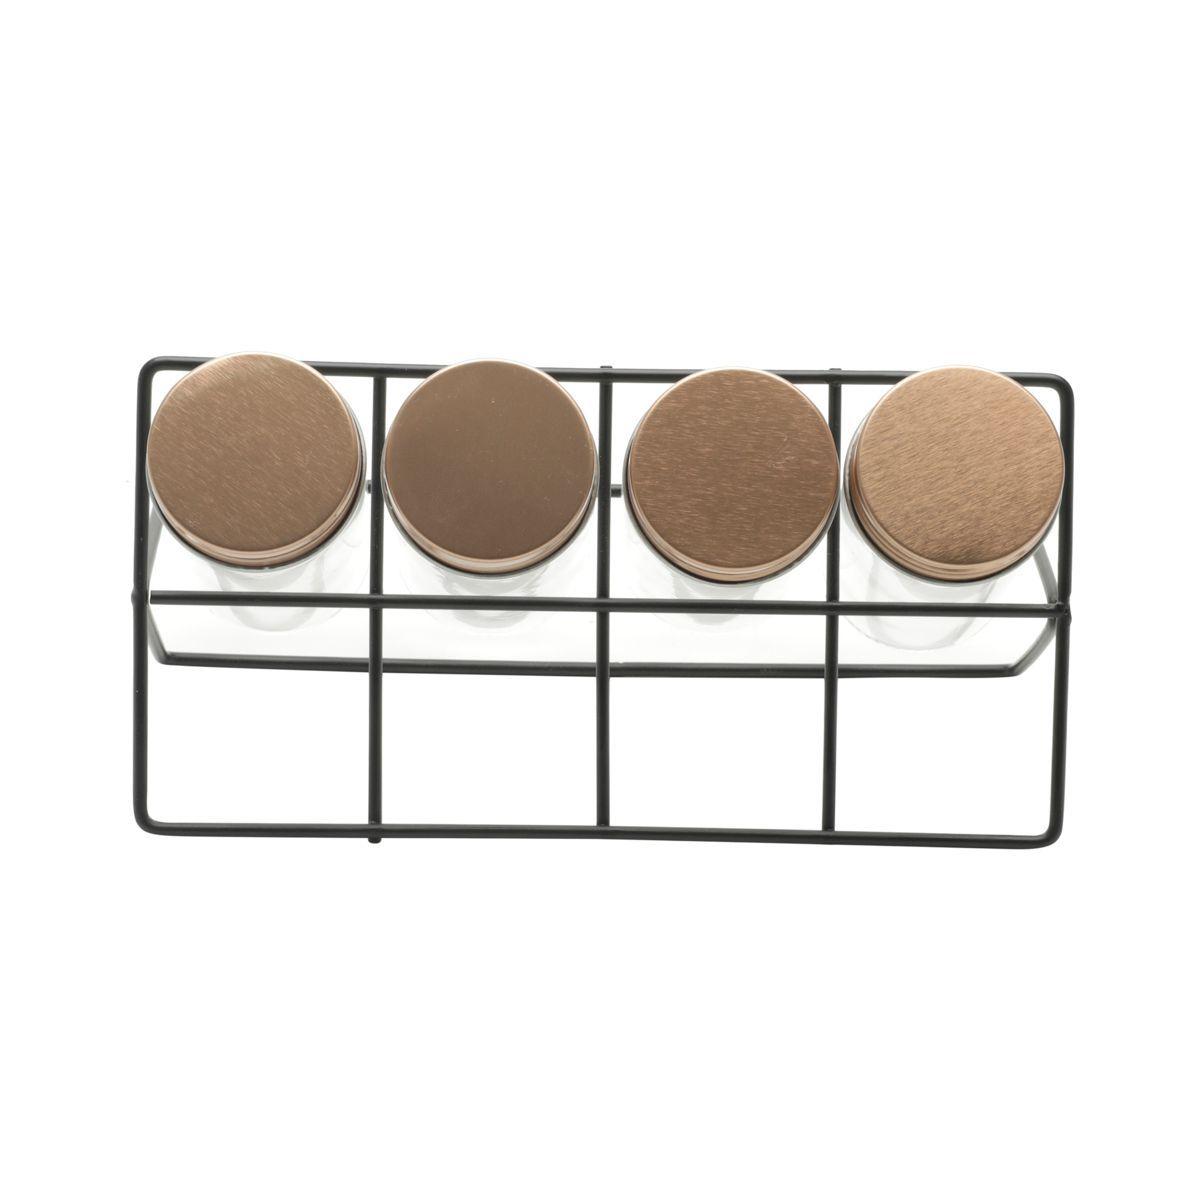 Kit Porta Condimentos em Metal e Vidro 5 Peças